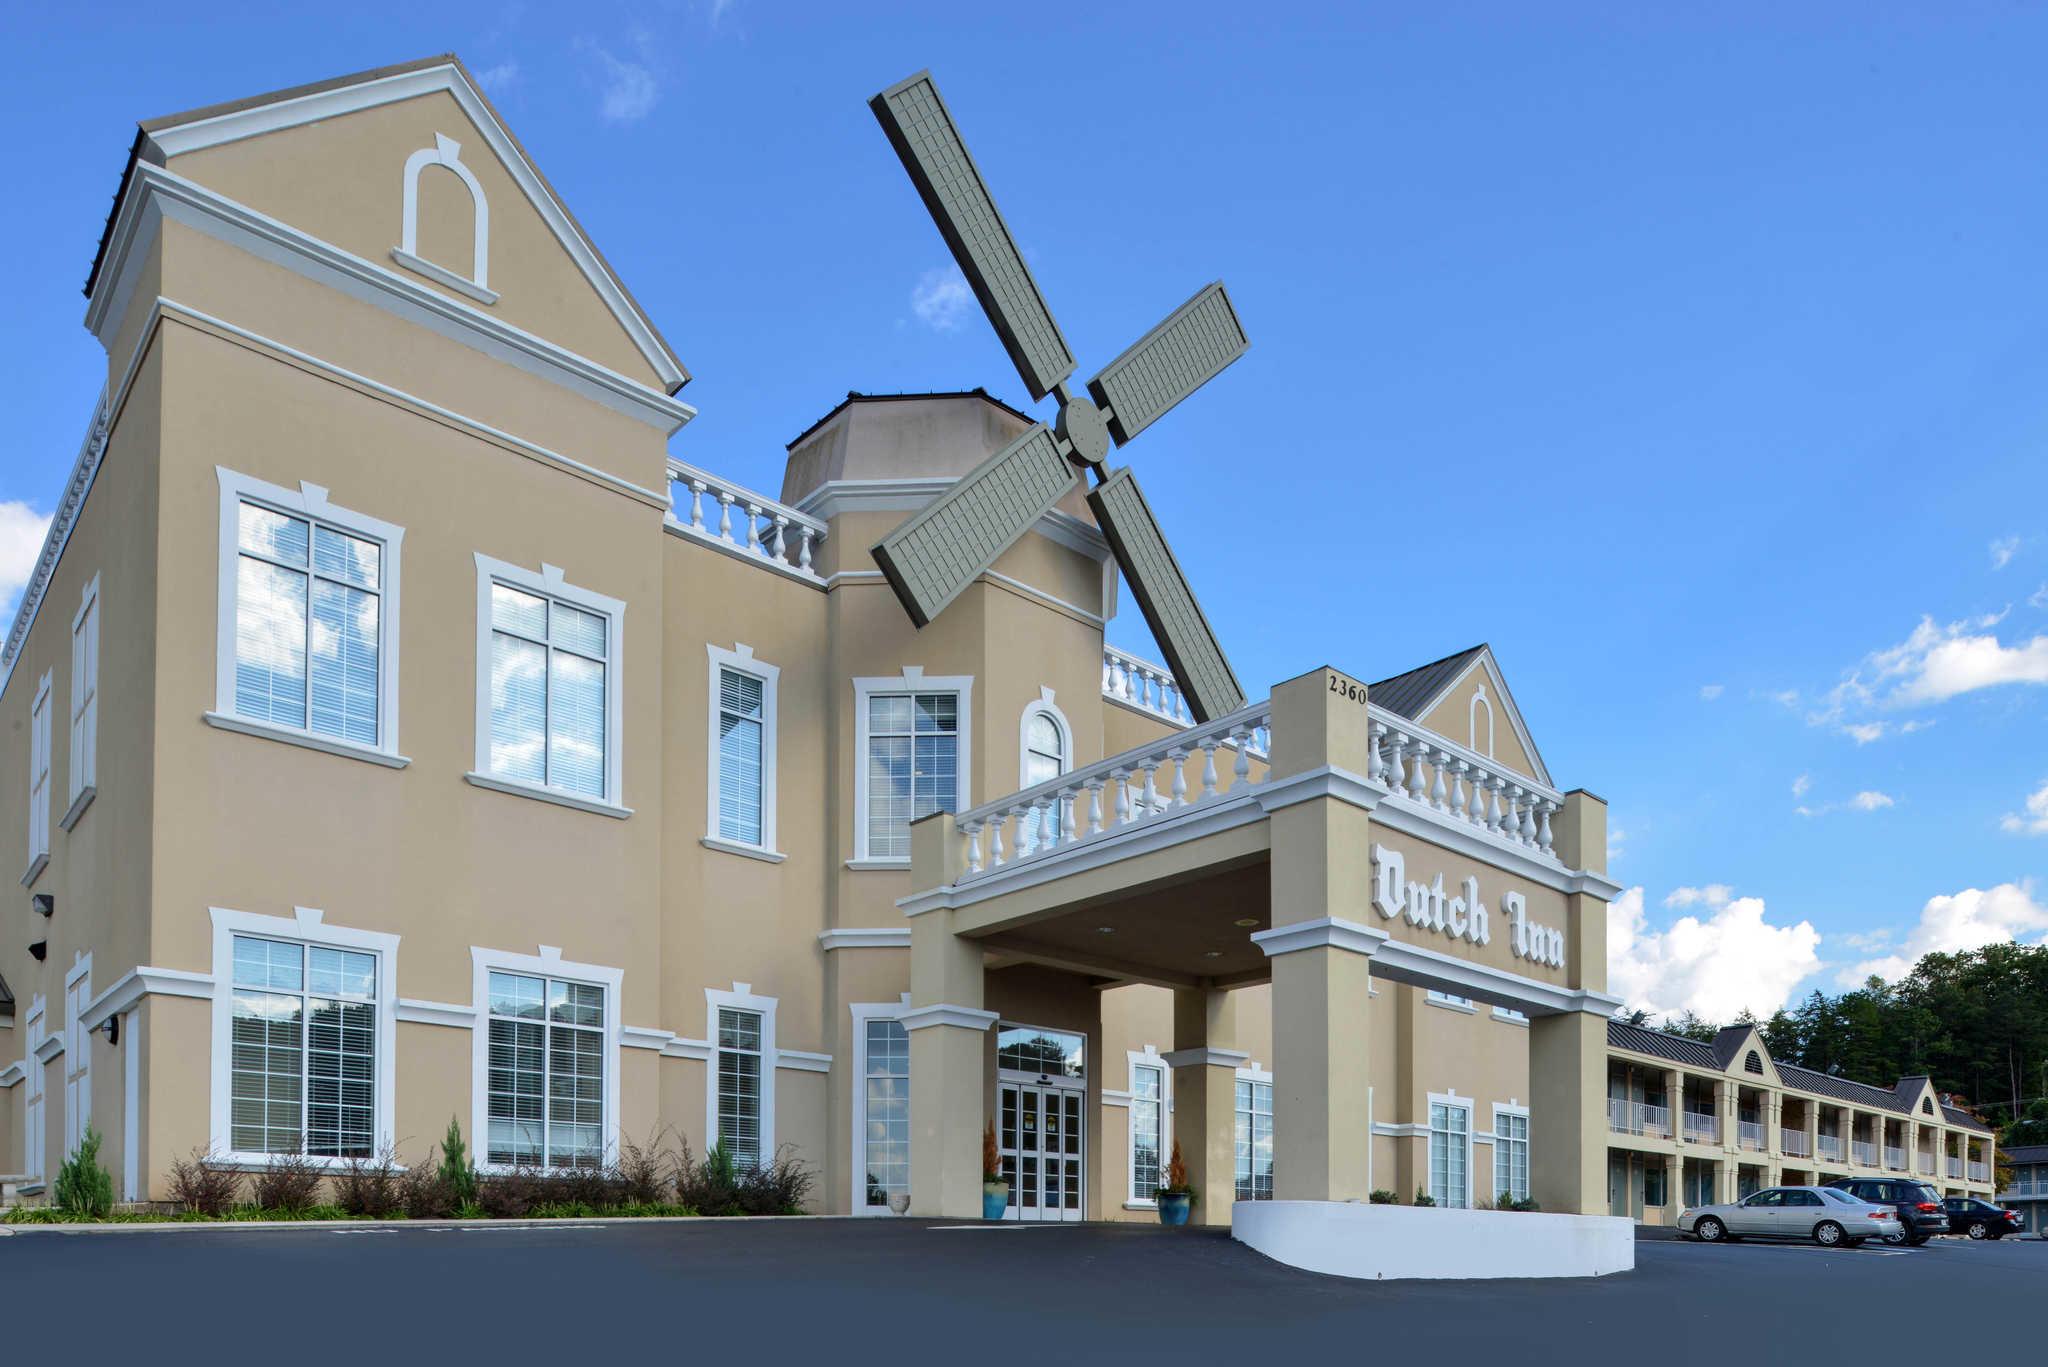 Quality Inn Dutch Inn image 0